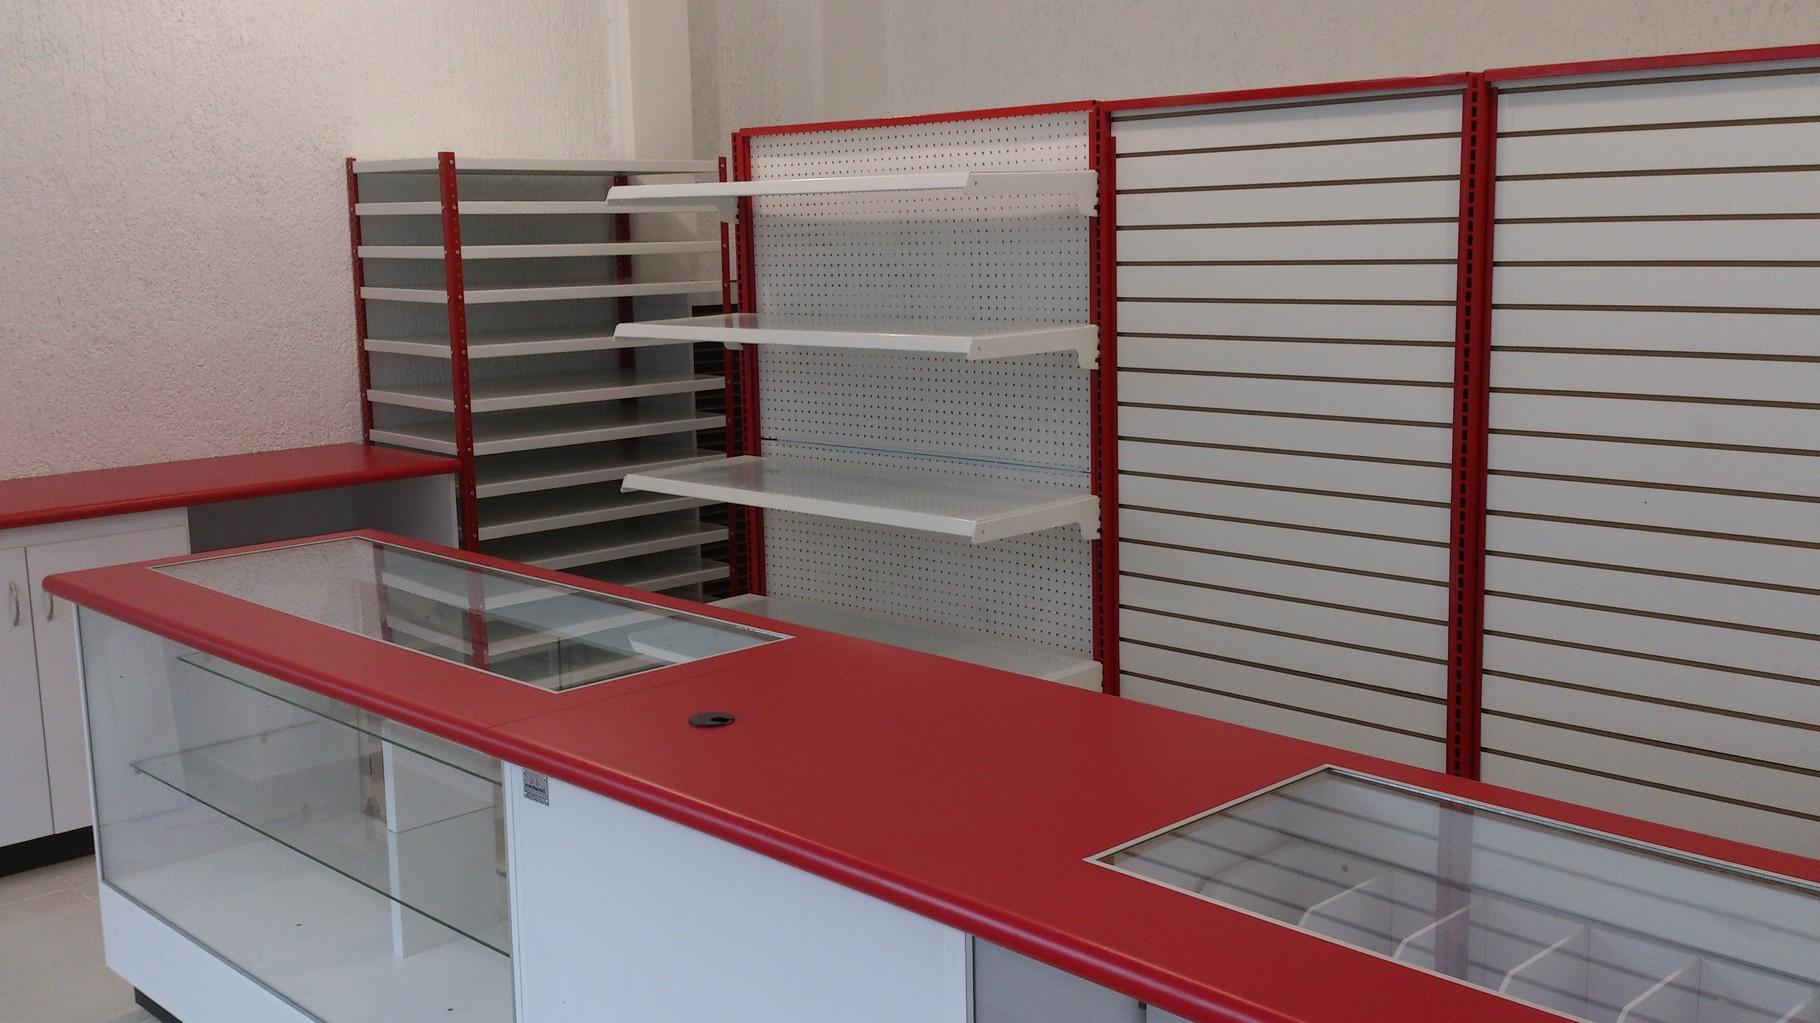 Muebles tipo oxxo vitrinas mostradores estantes - Disenos de mostradores ...